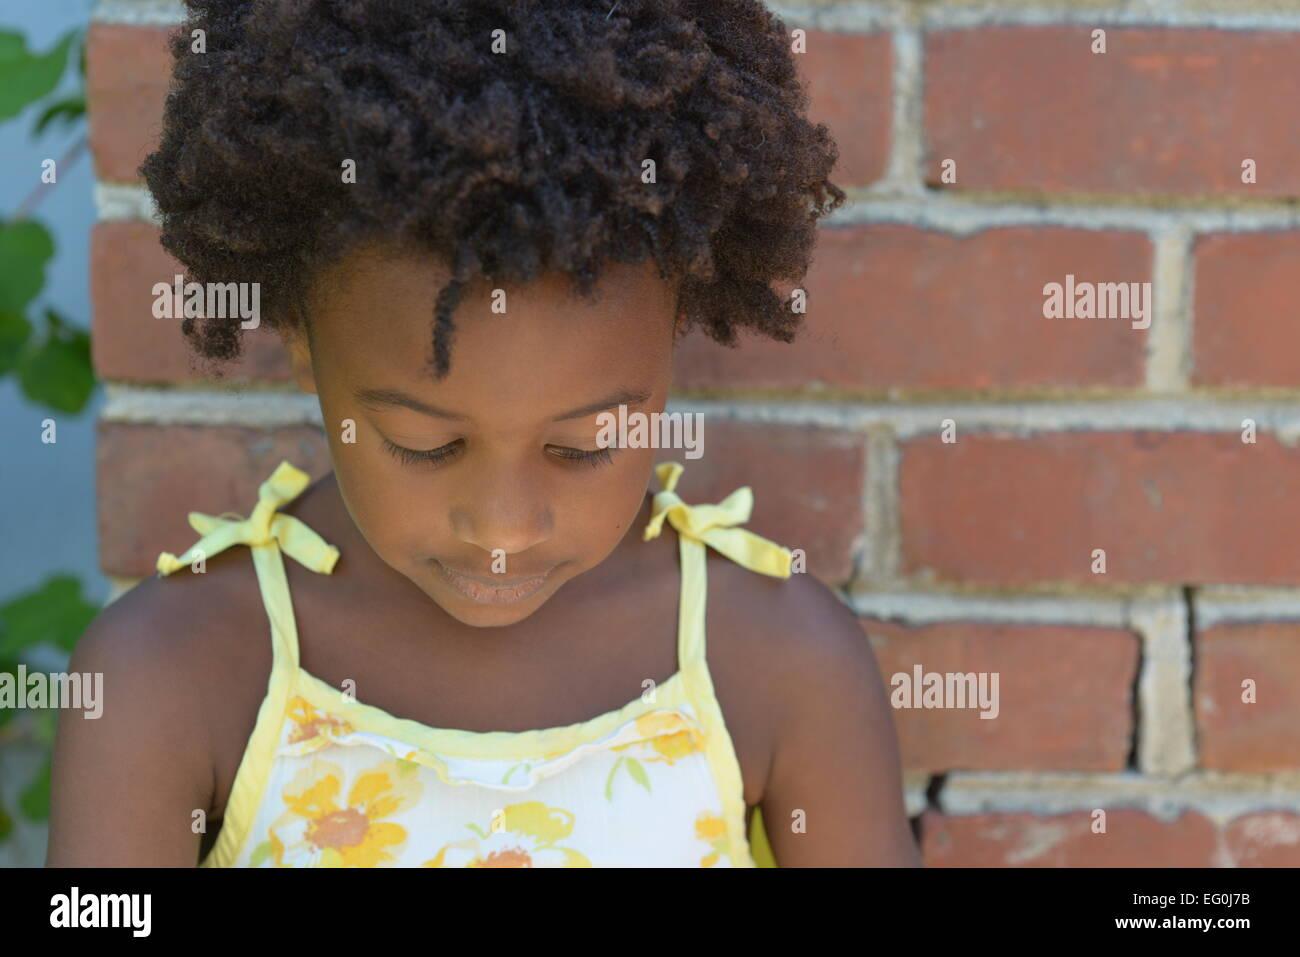 Las niñas de pie junto a una pared de ladrillo mirando hacia abajo Imagen De Stock